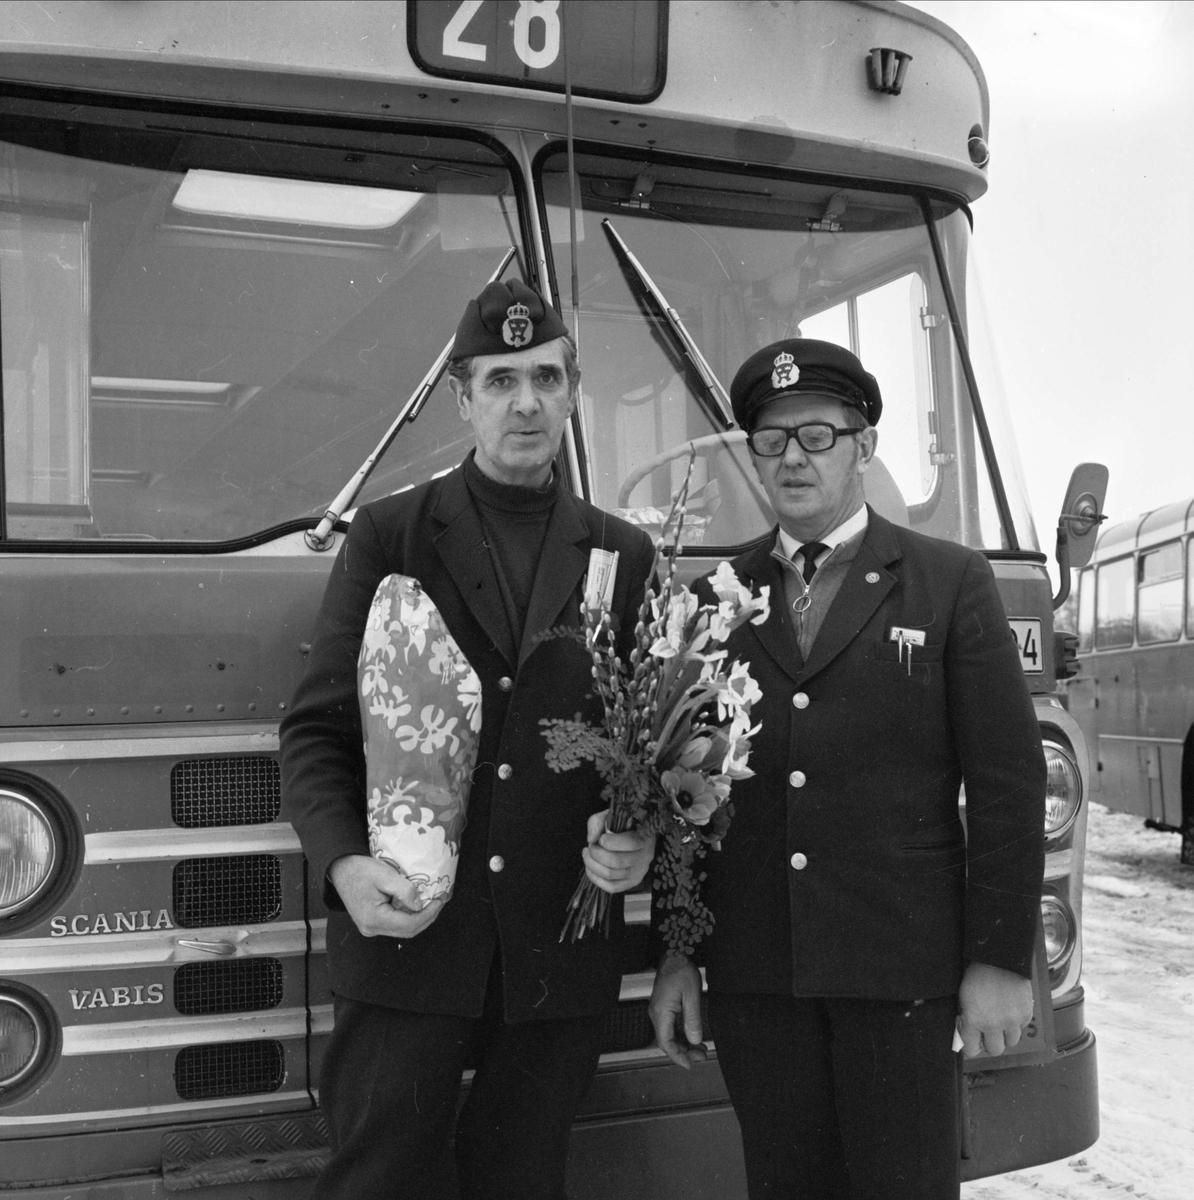 Karl Lööf, 30 år vid bussratten, Skärplinge, Österlövsta socken, Uppland februari 1973